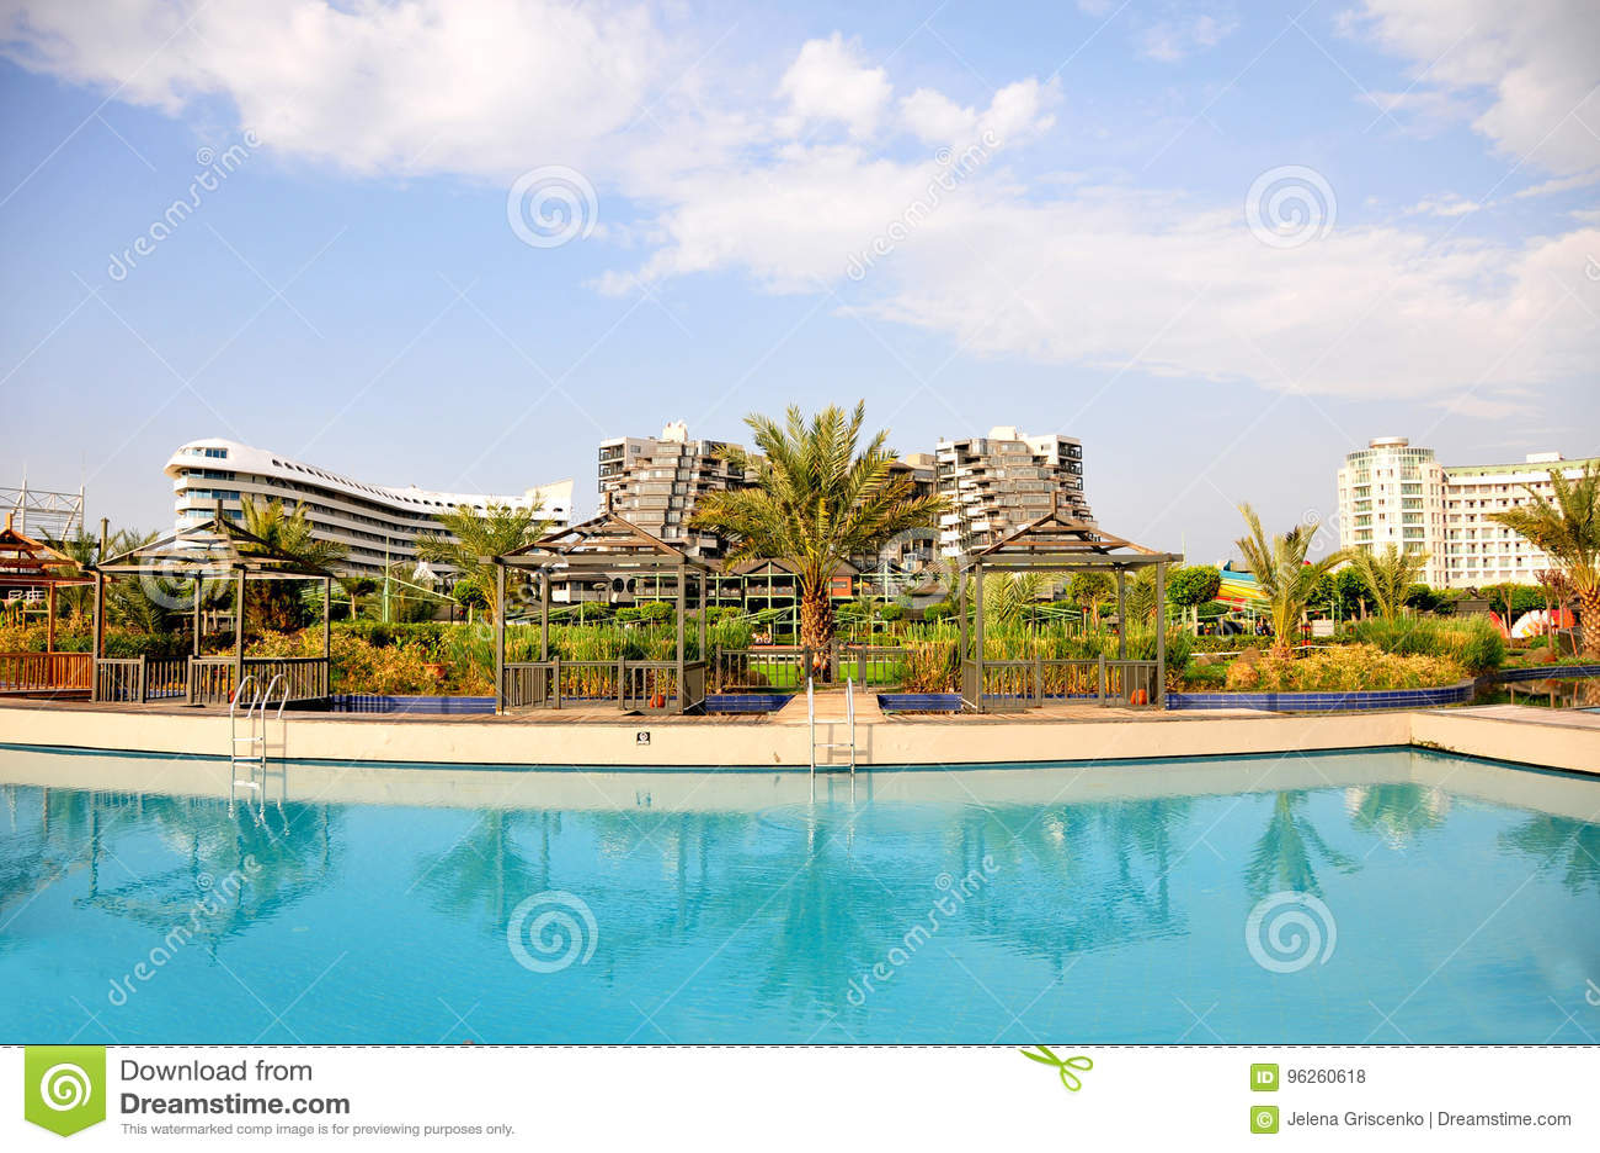 Άποψη στο λουξ ξενοδοχείο Limak Lara από την πλευρά λιμνών